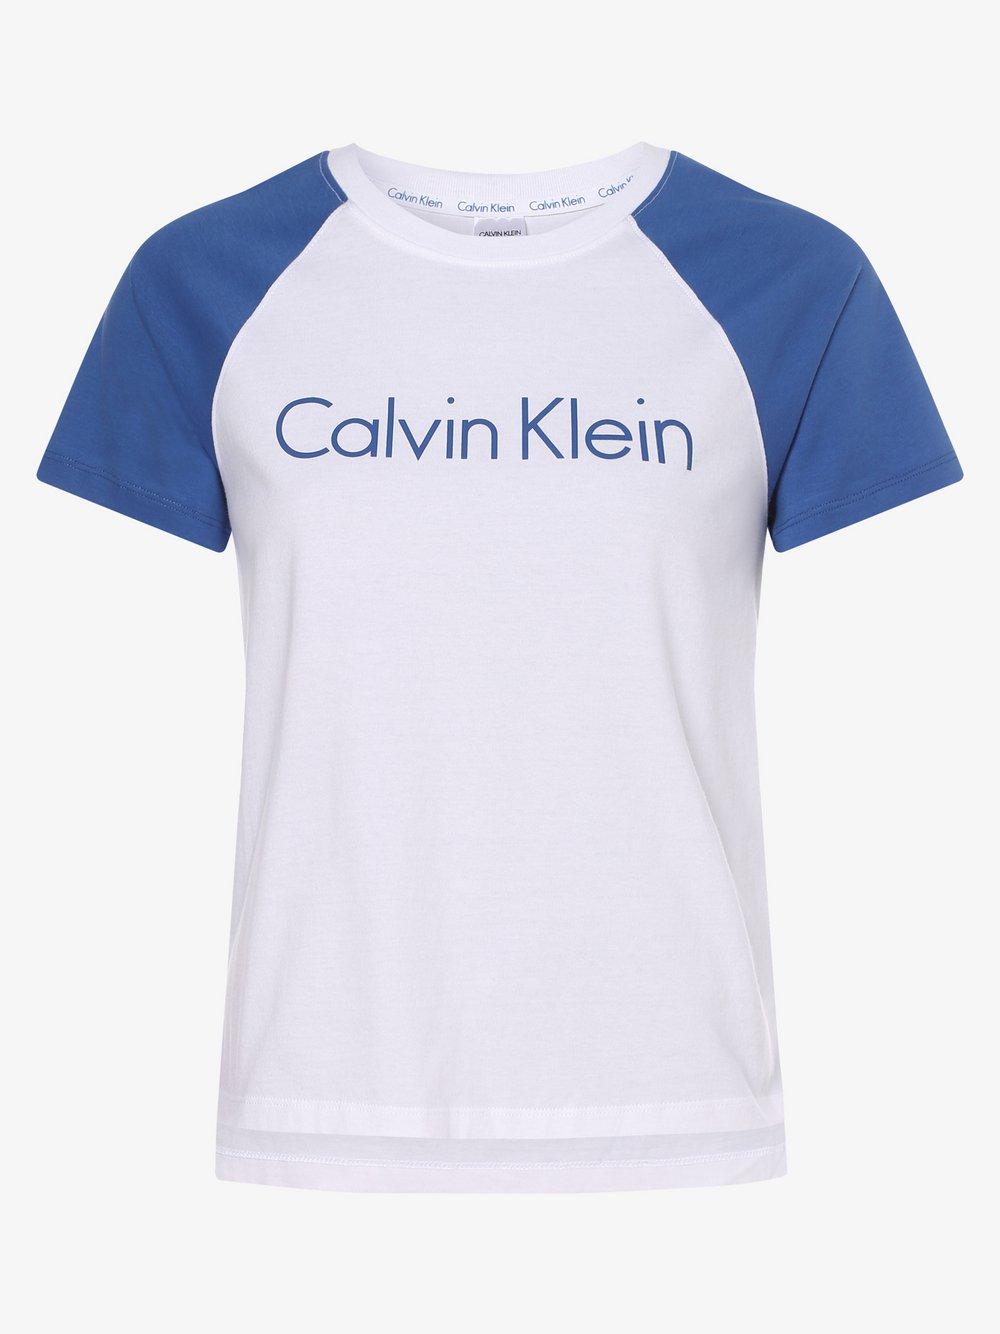 Calvin Klein - Damska koszulka od piżamy, biały